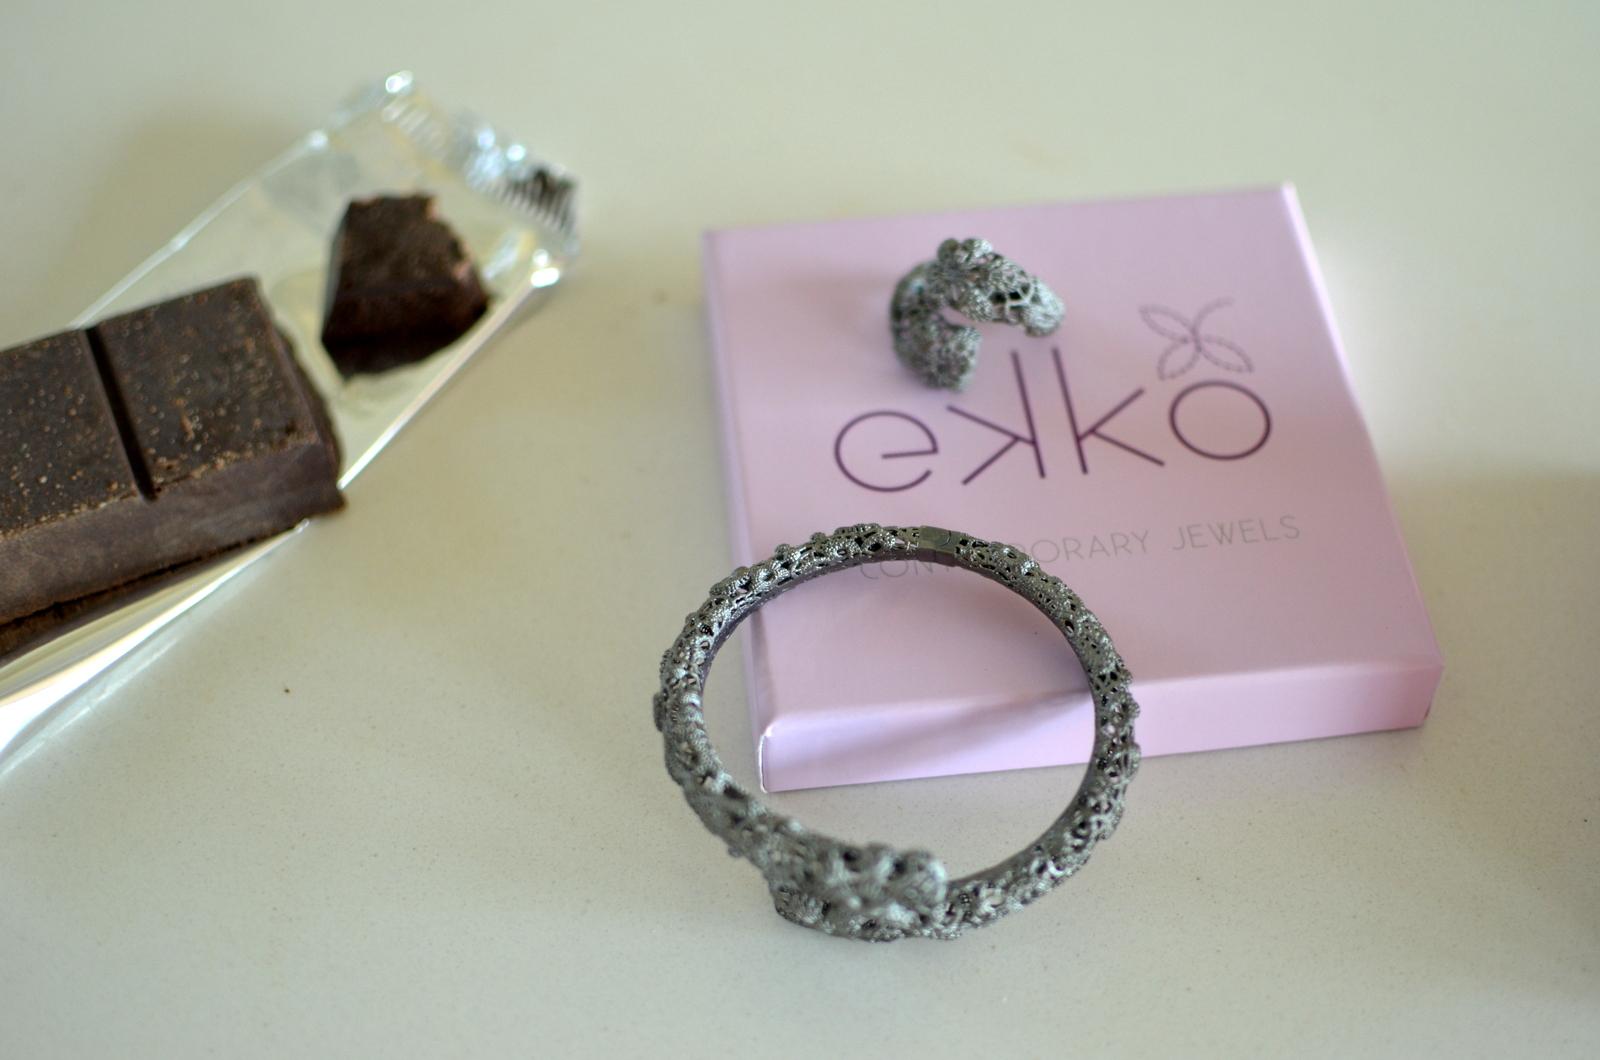 ekko (8)